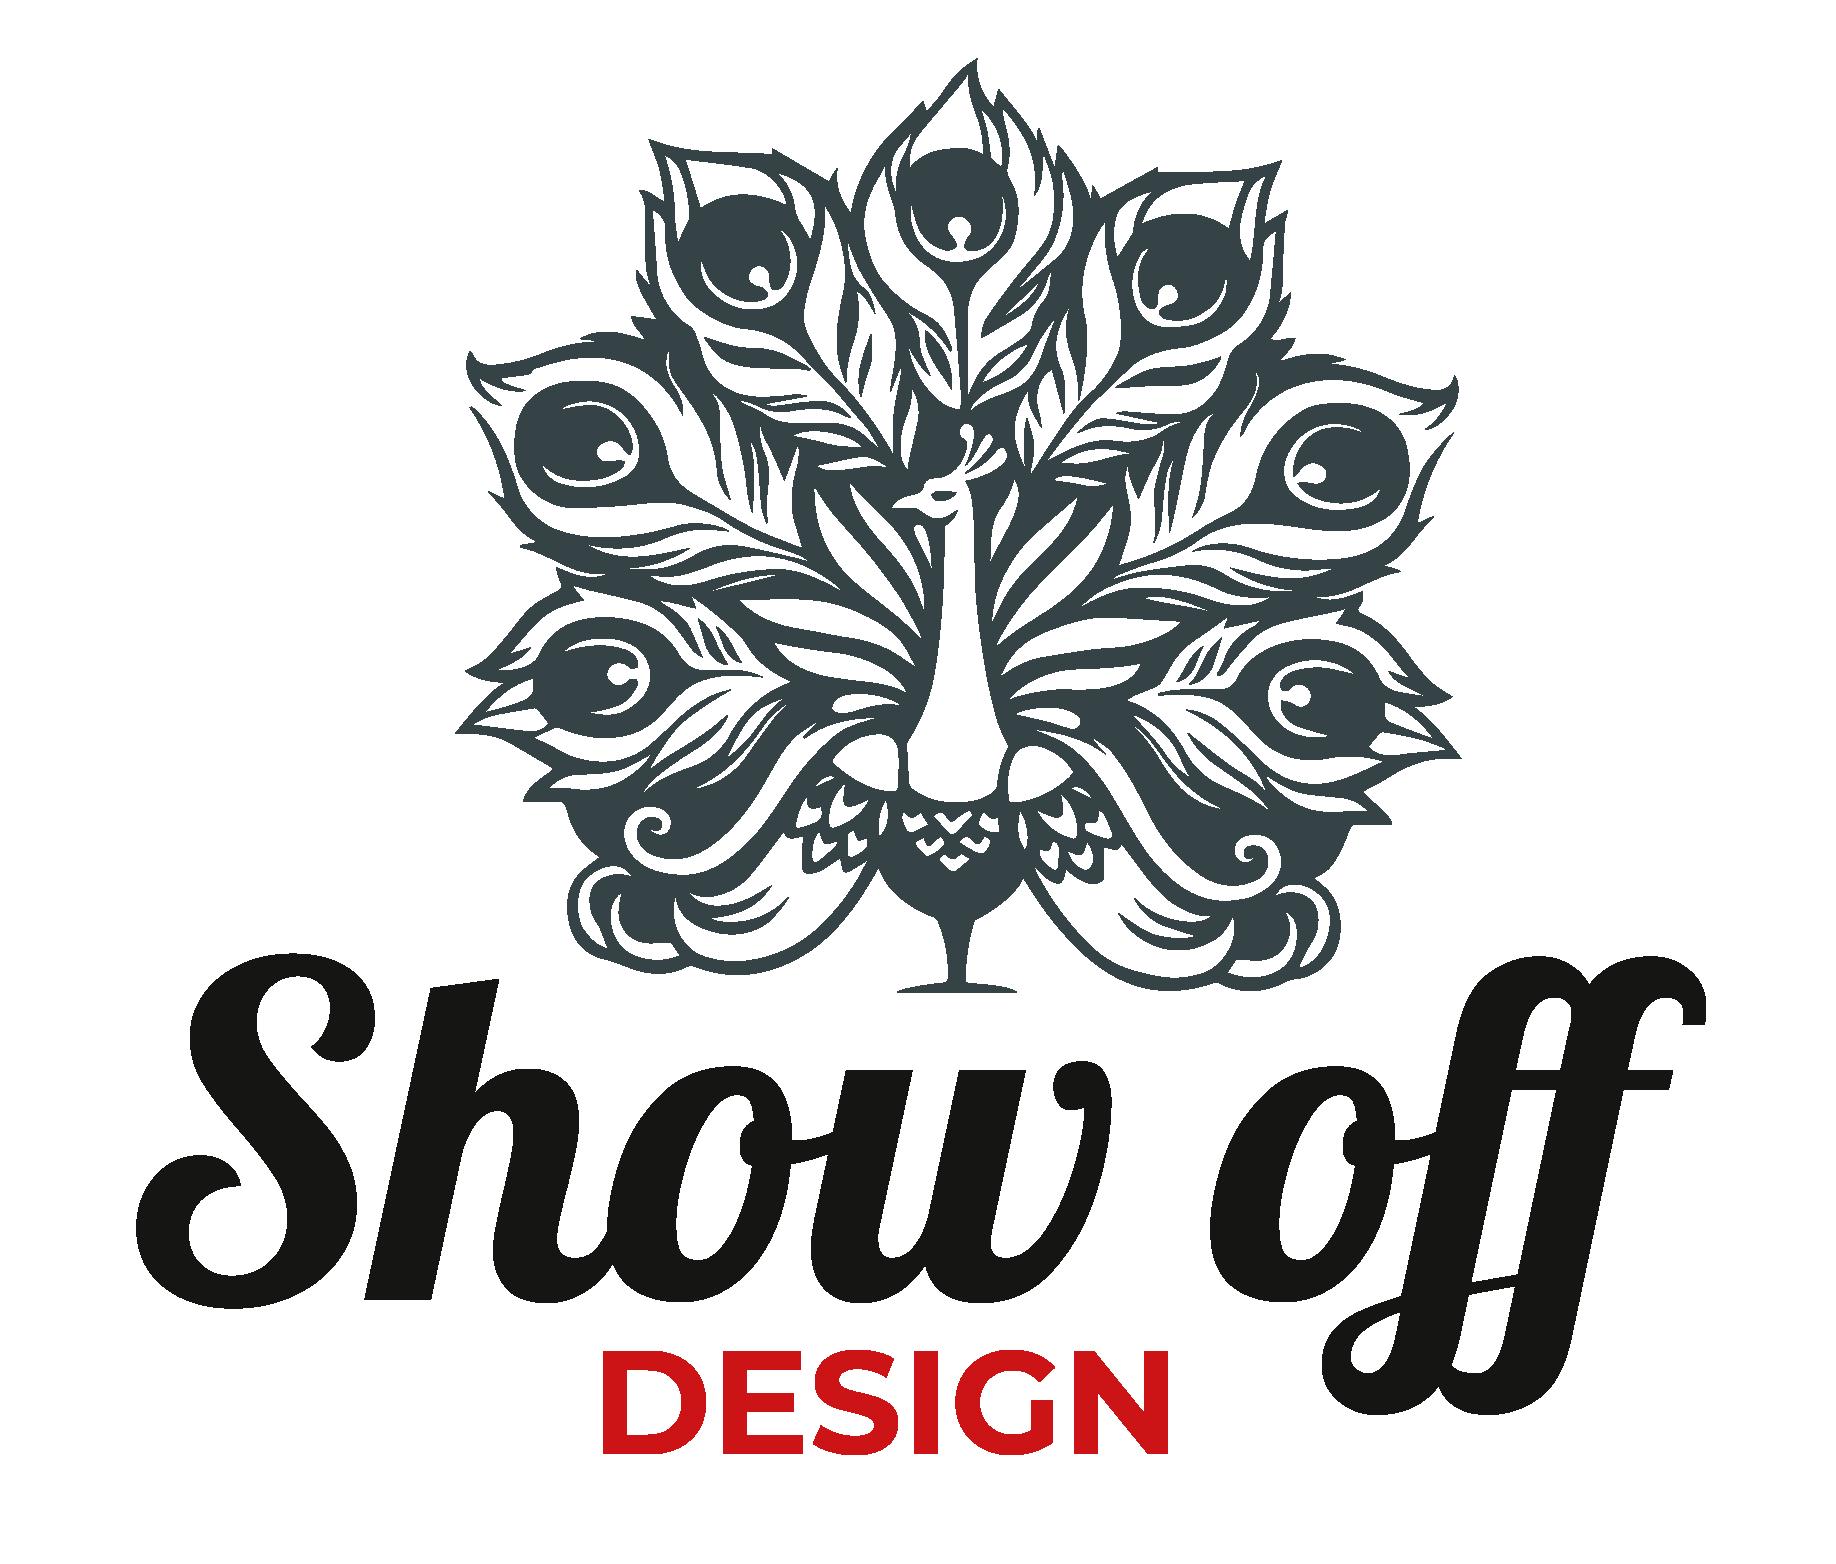 Choice Selection: Design